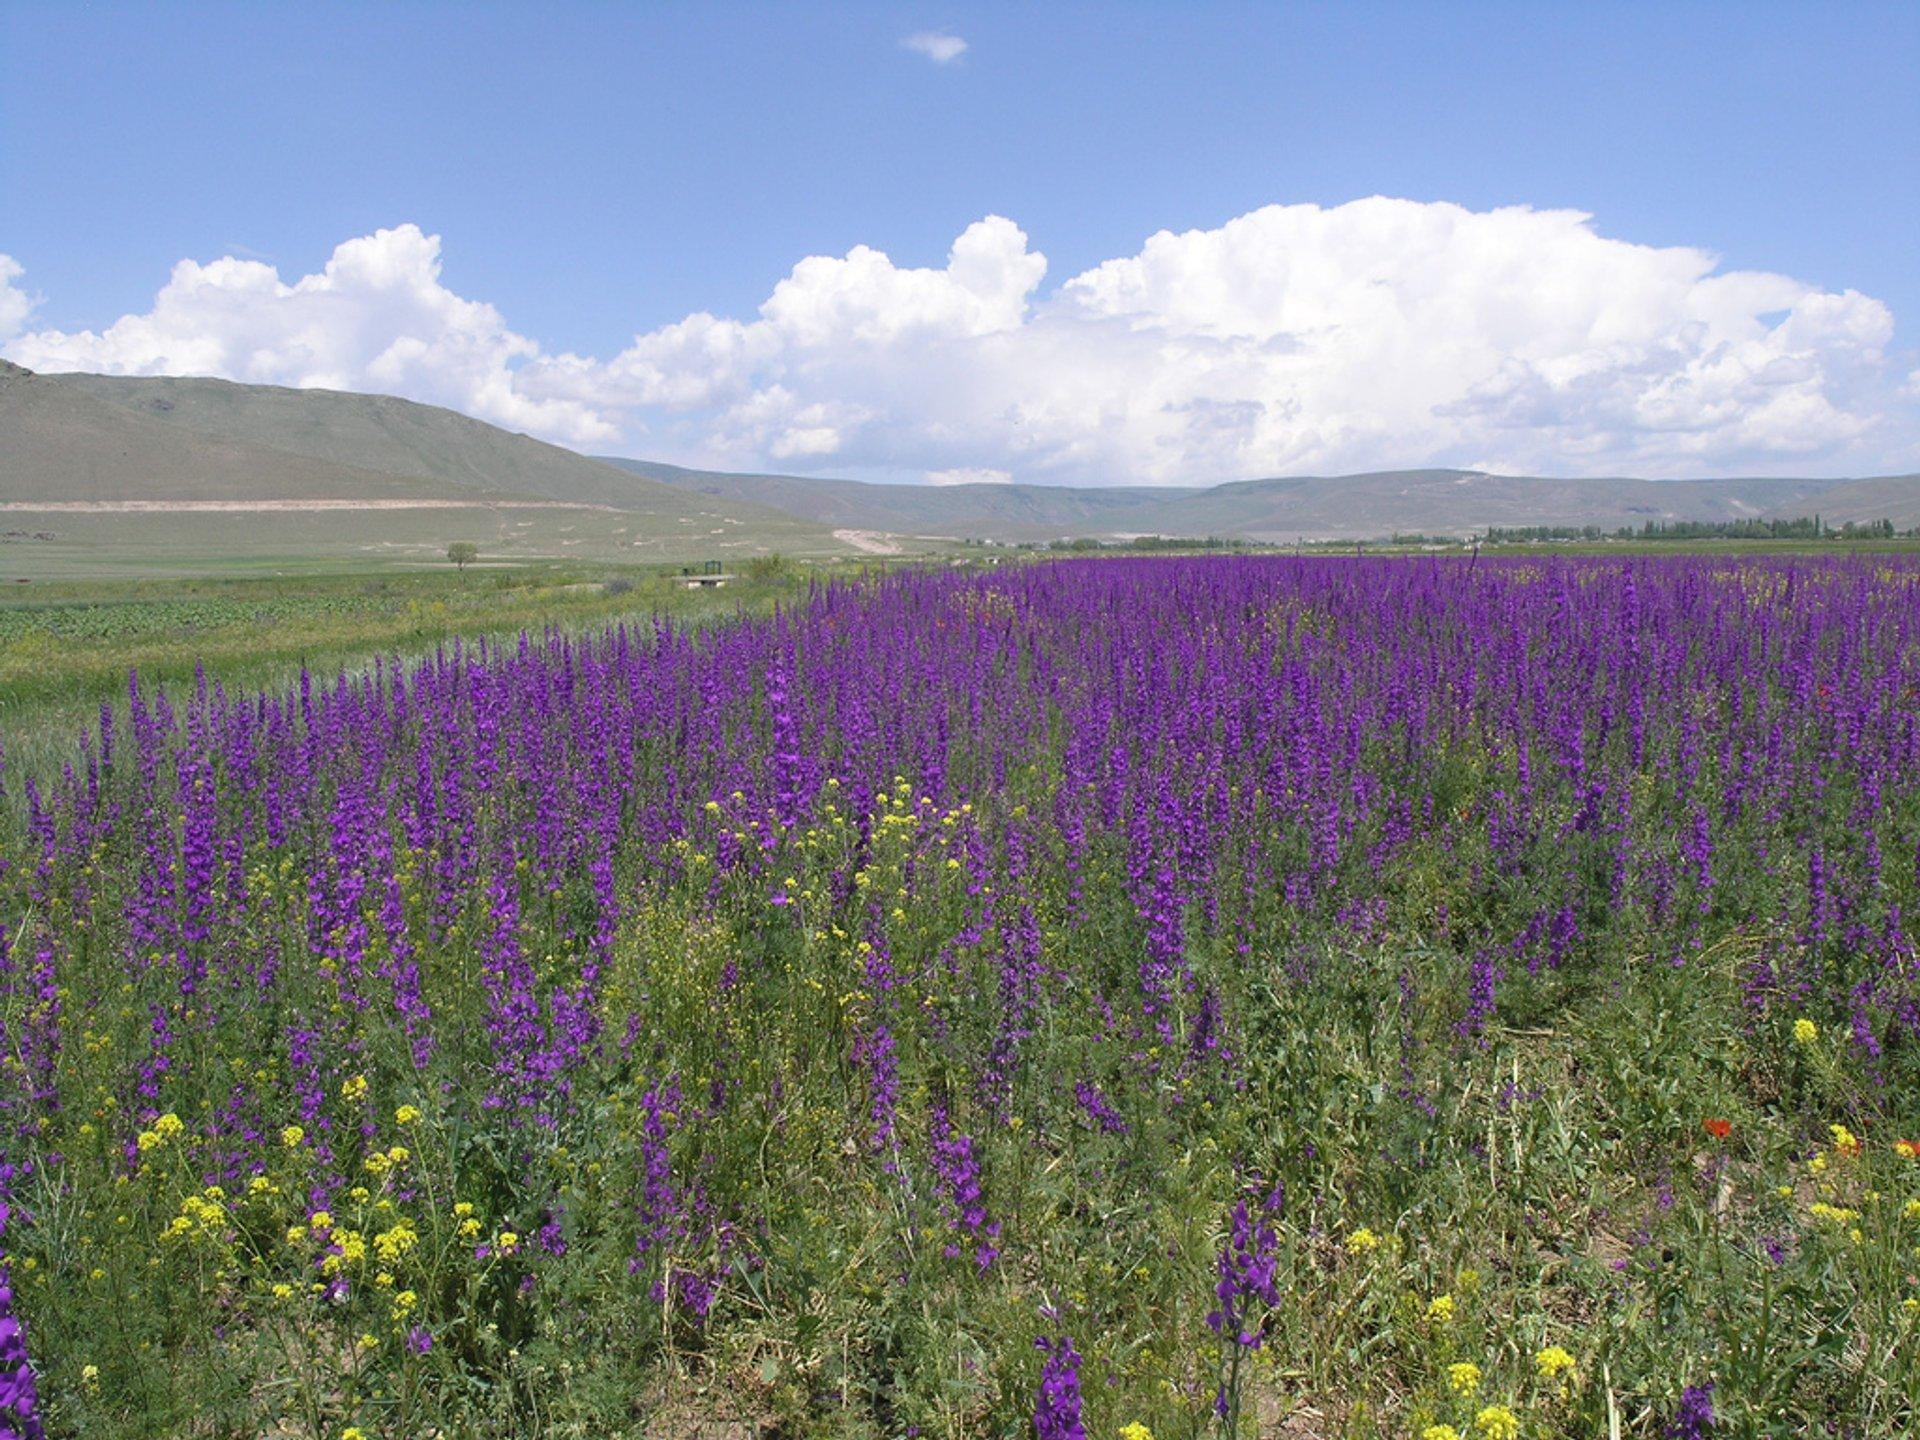 Wildflower field near Erzerum, Turkey 2020